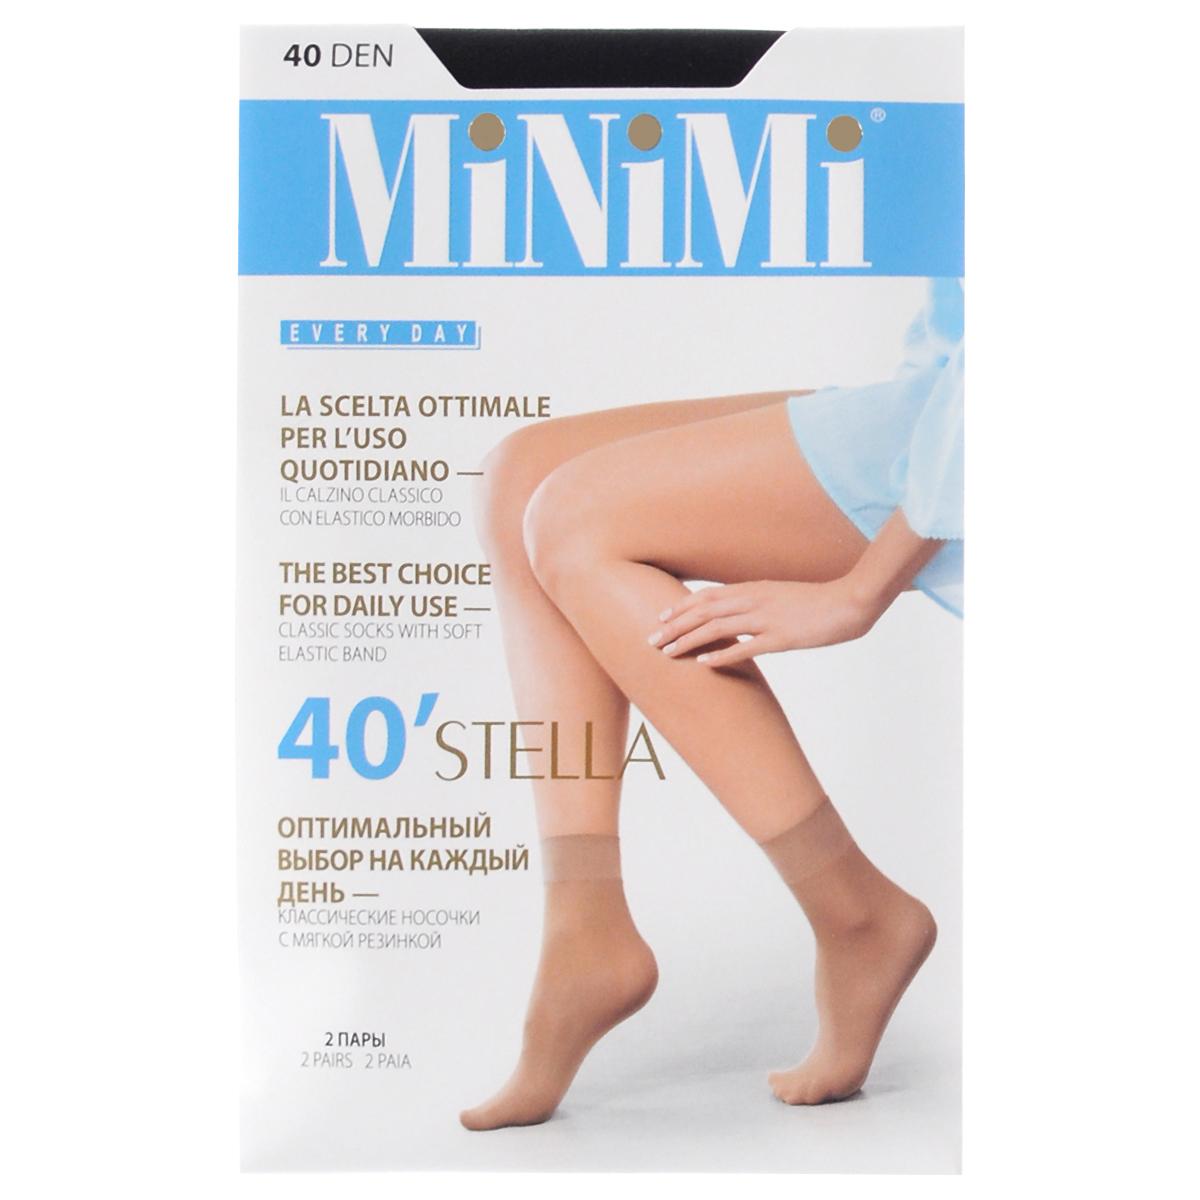 Носки женские Minimi Stella 40, 2 пары, цвет: Nero (черный). Размер универсальный носки 2 пары 20 den intreccio цвет черный